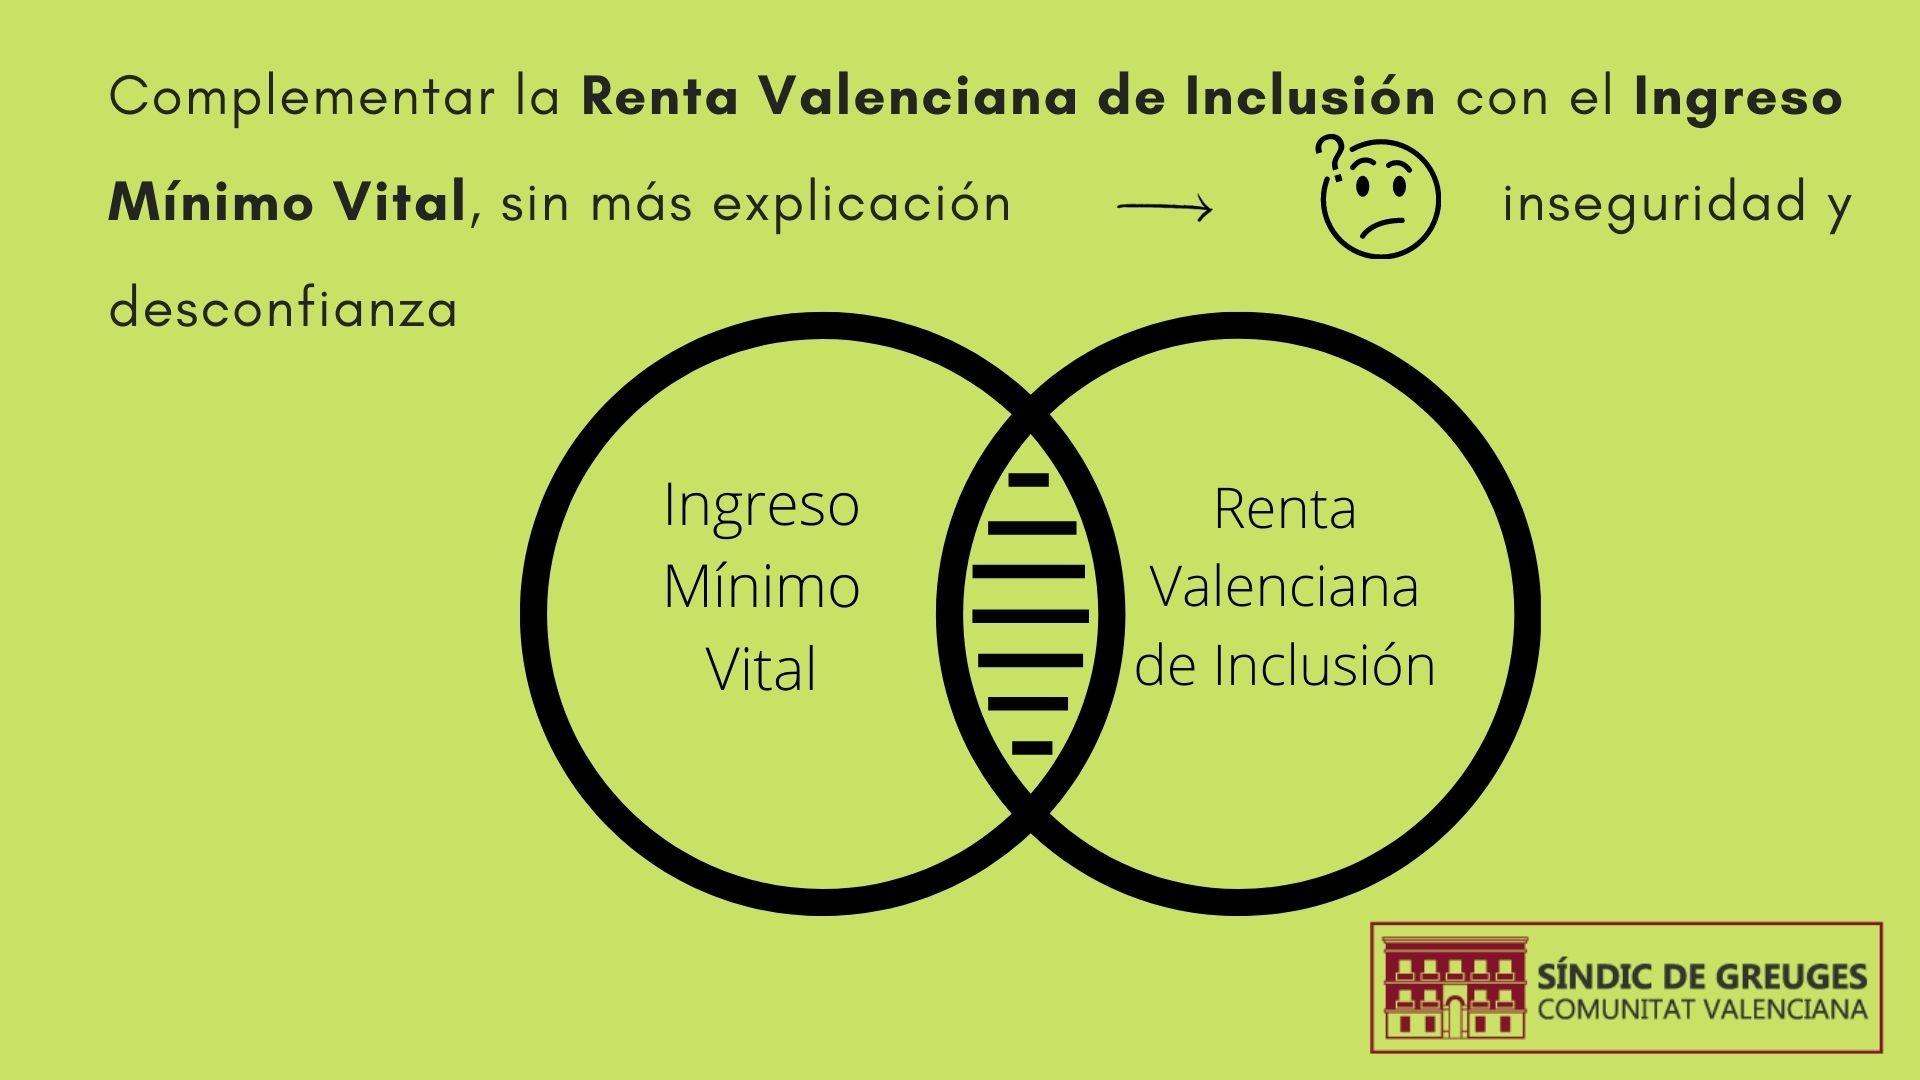 El Síndic pide a  la Conselleria de Igualdad que explique a los afectados cualquier variación en sus cuantías de la Renta Valenciana de Inclusión